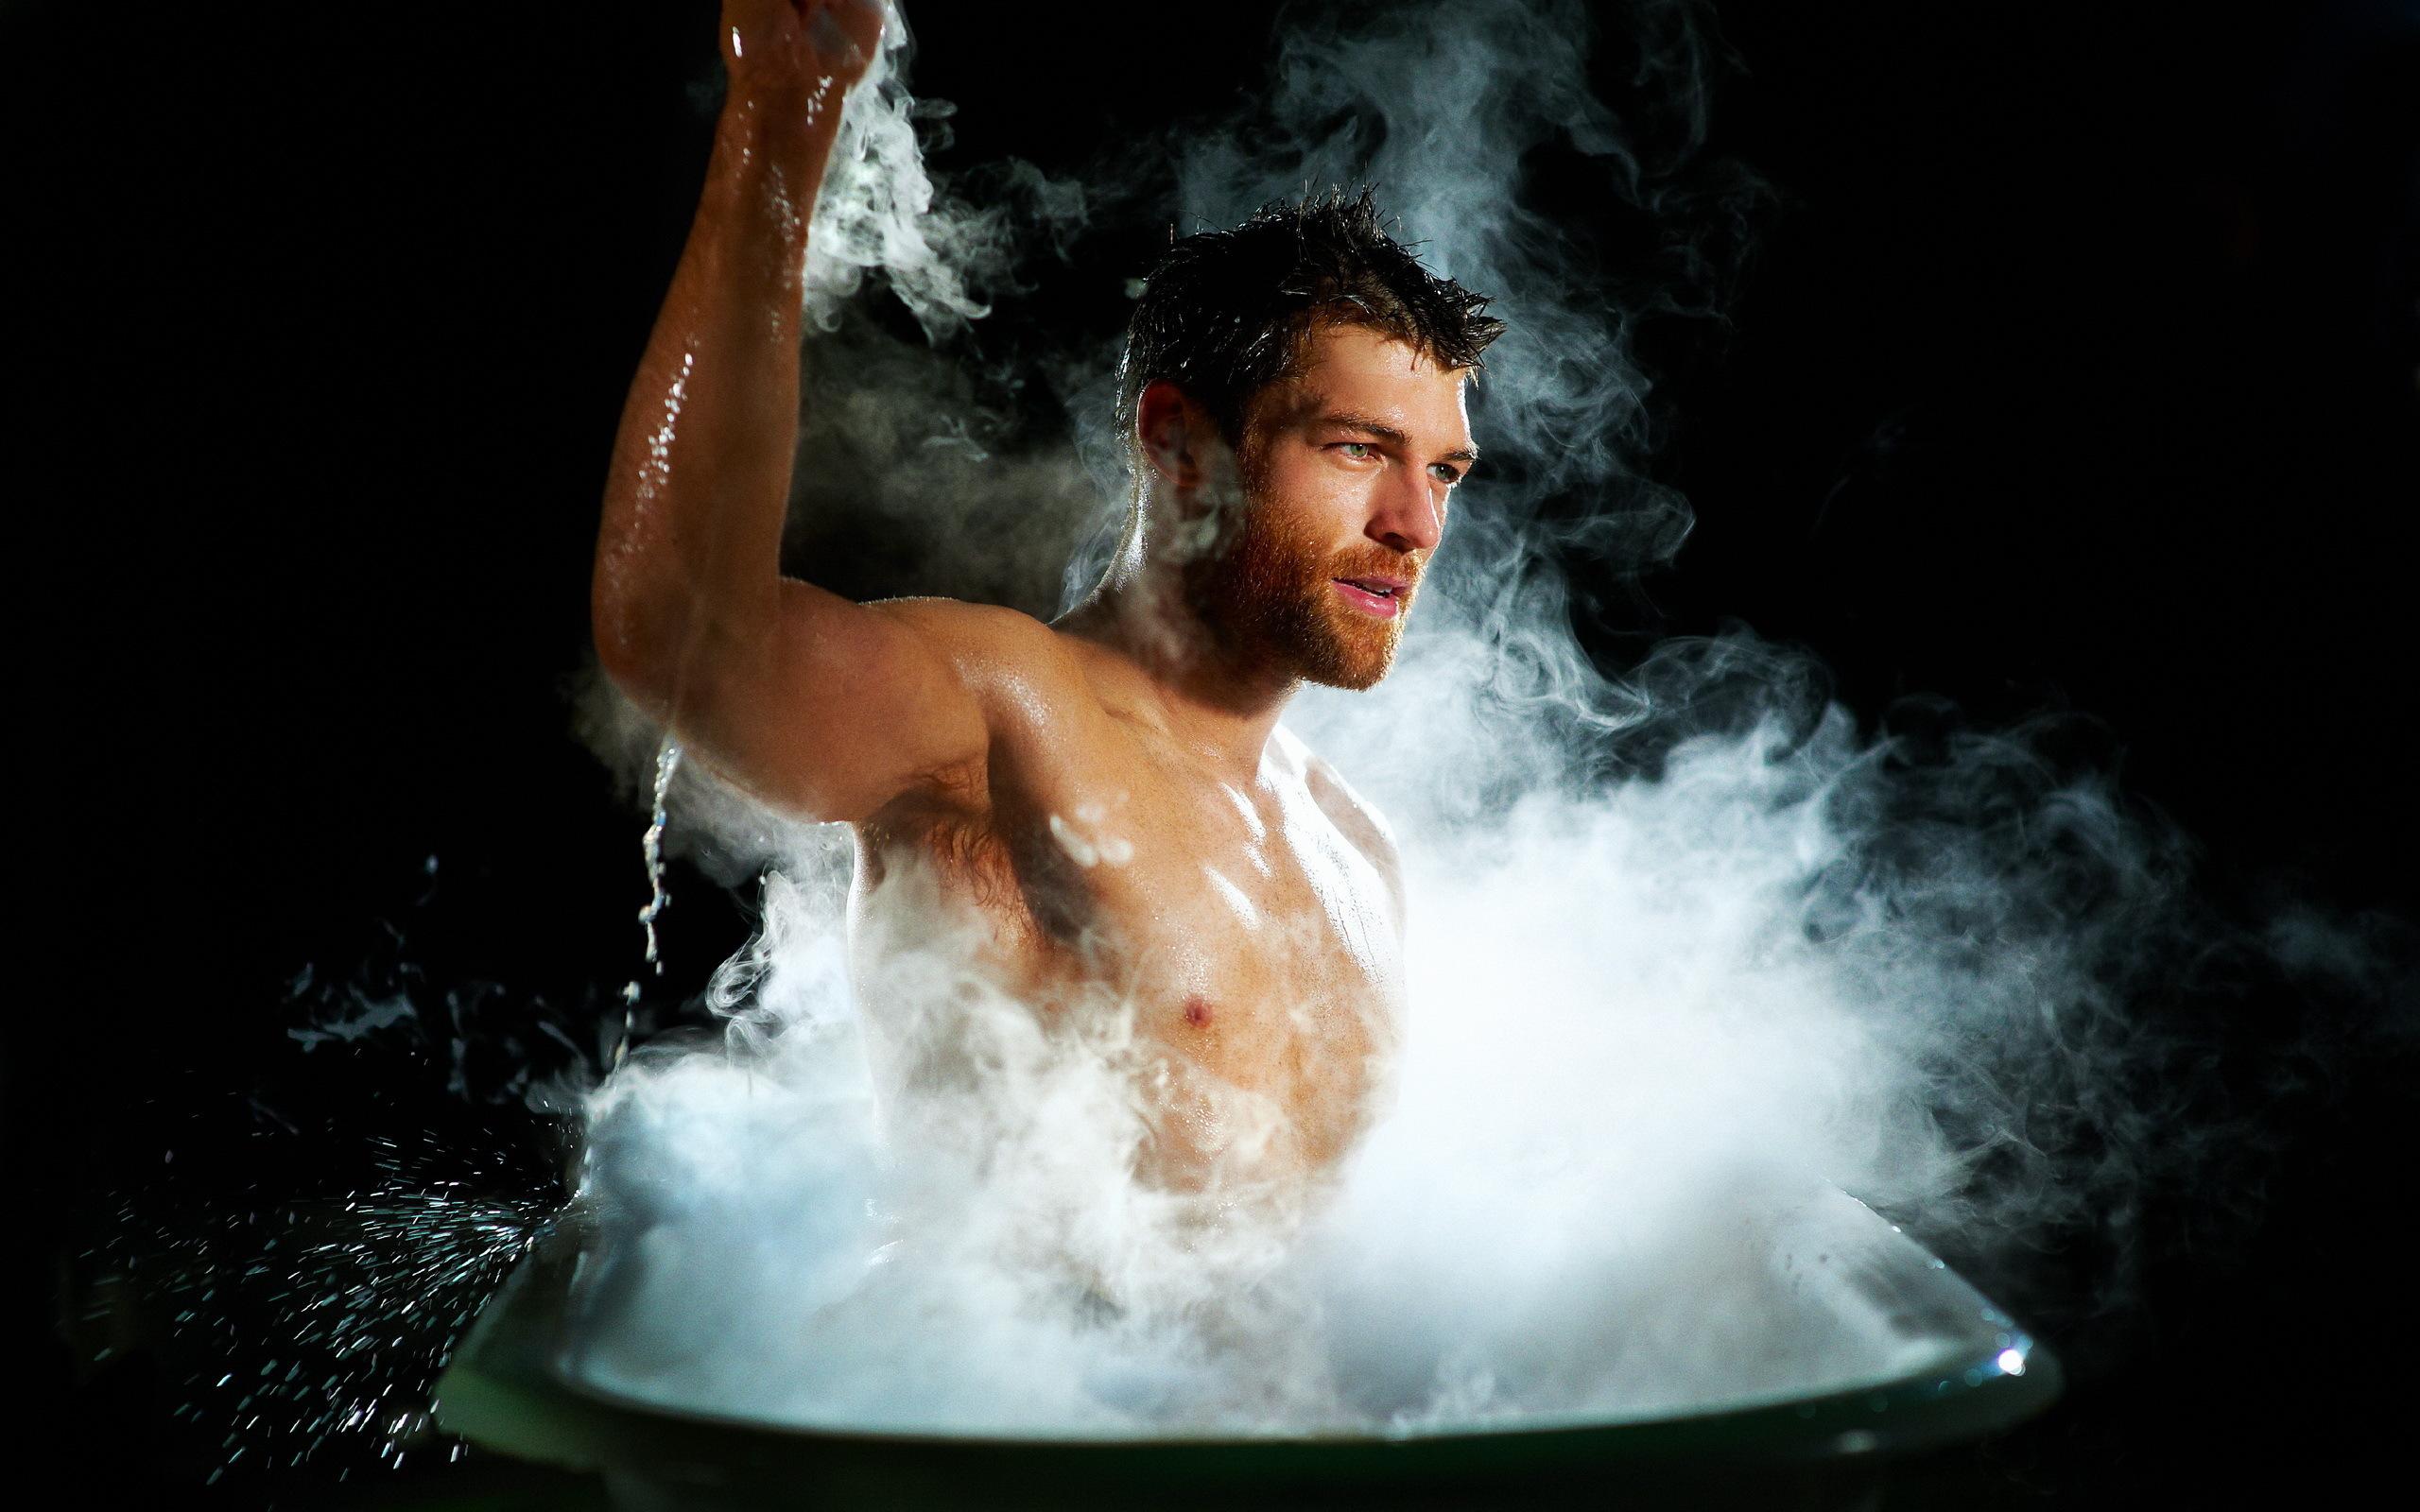 мужчина в ванне фото